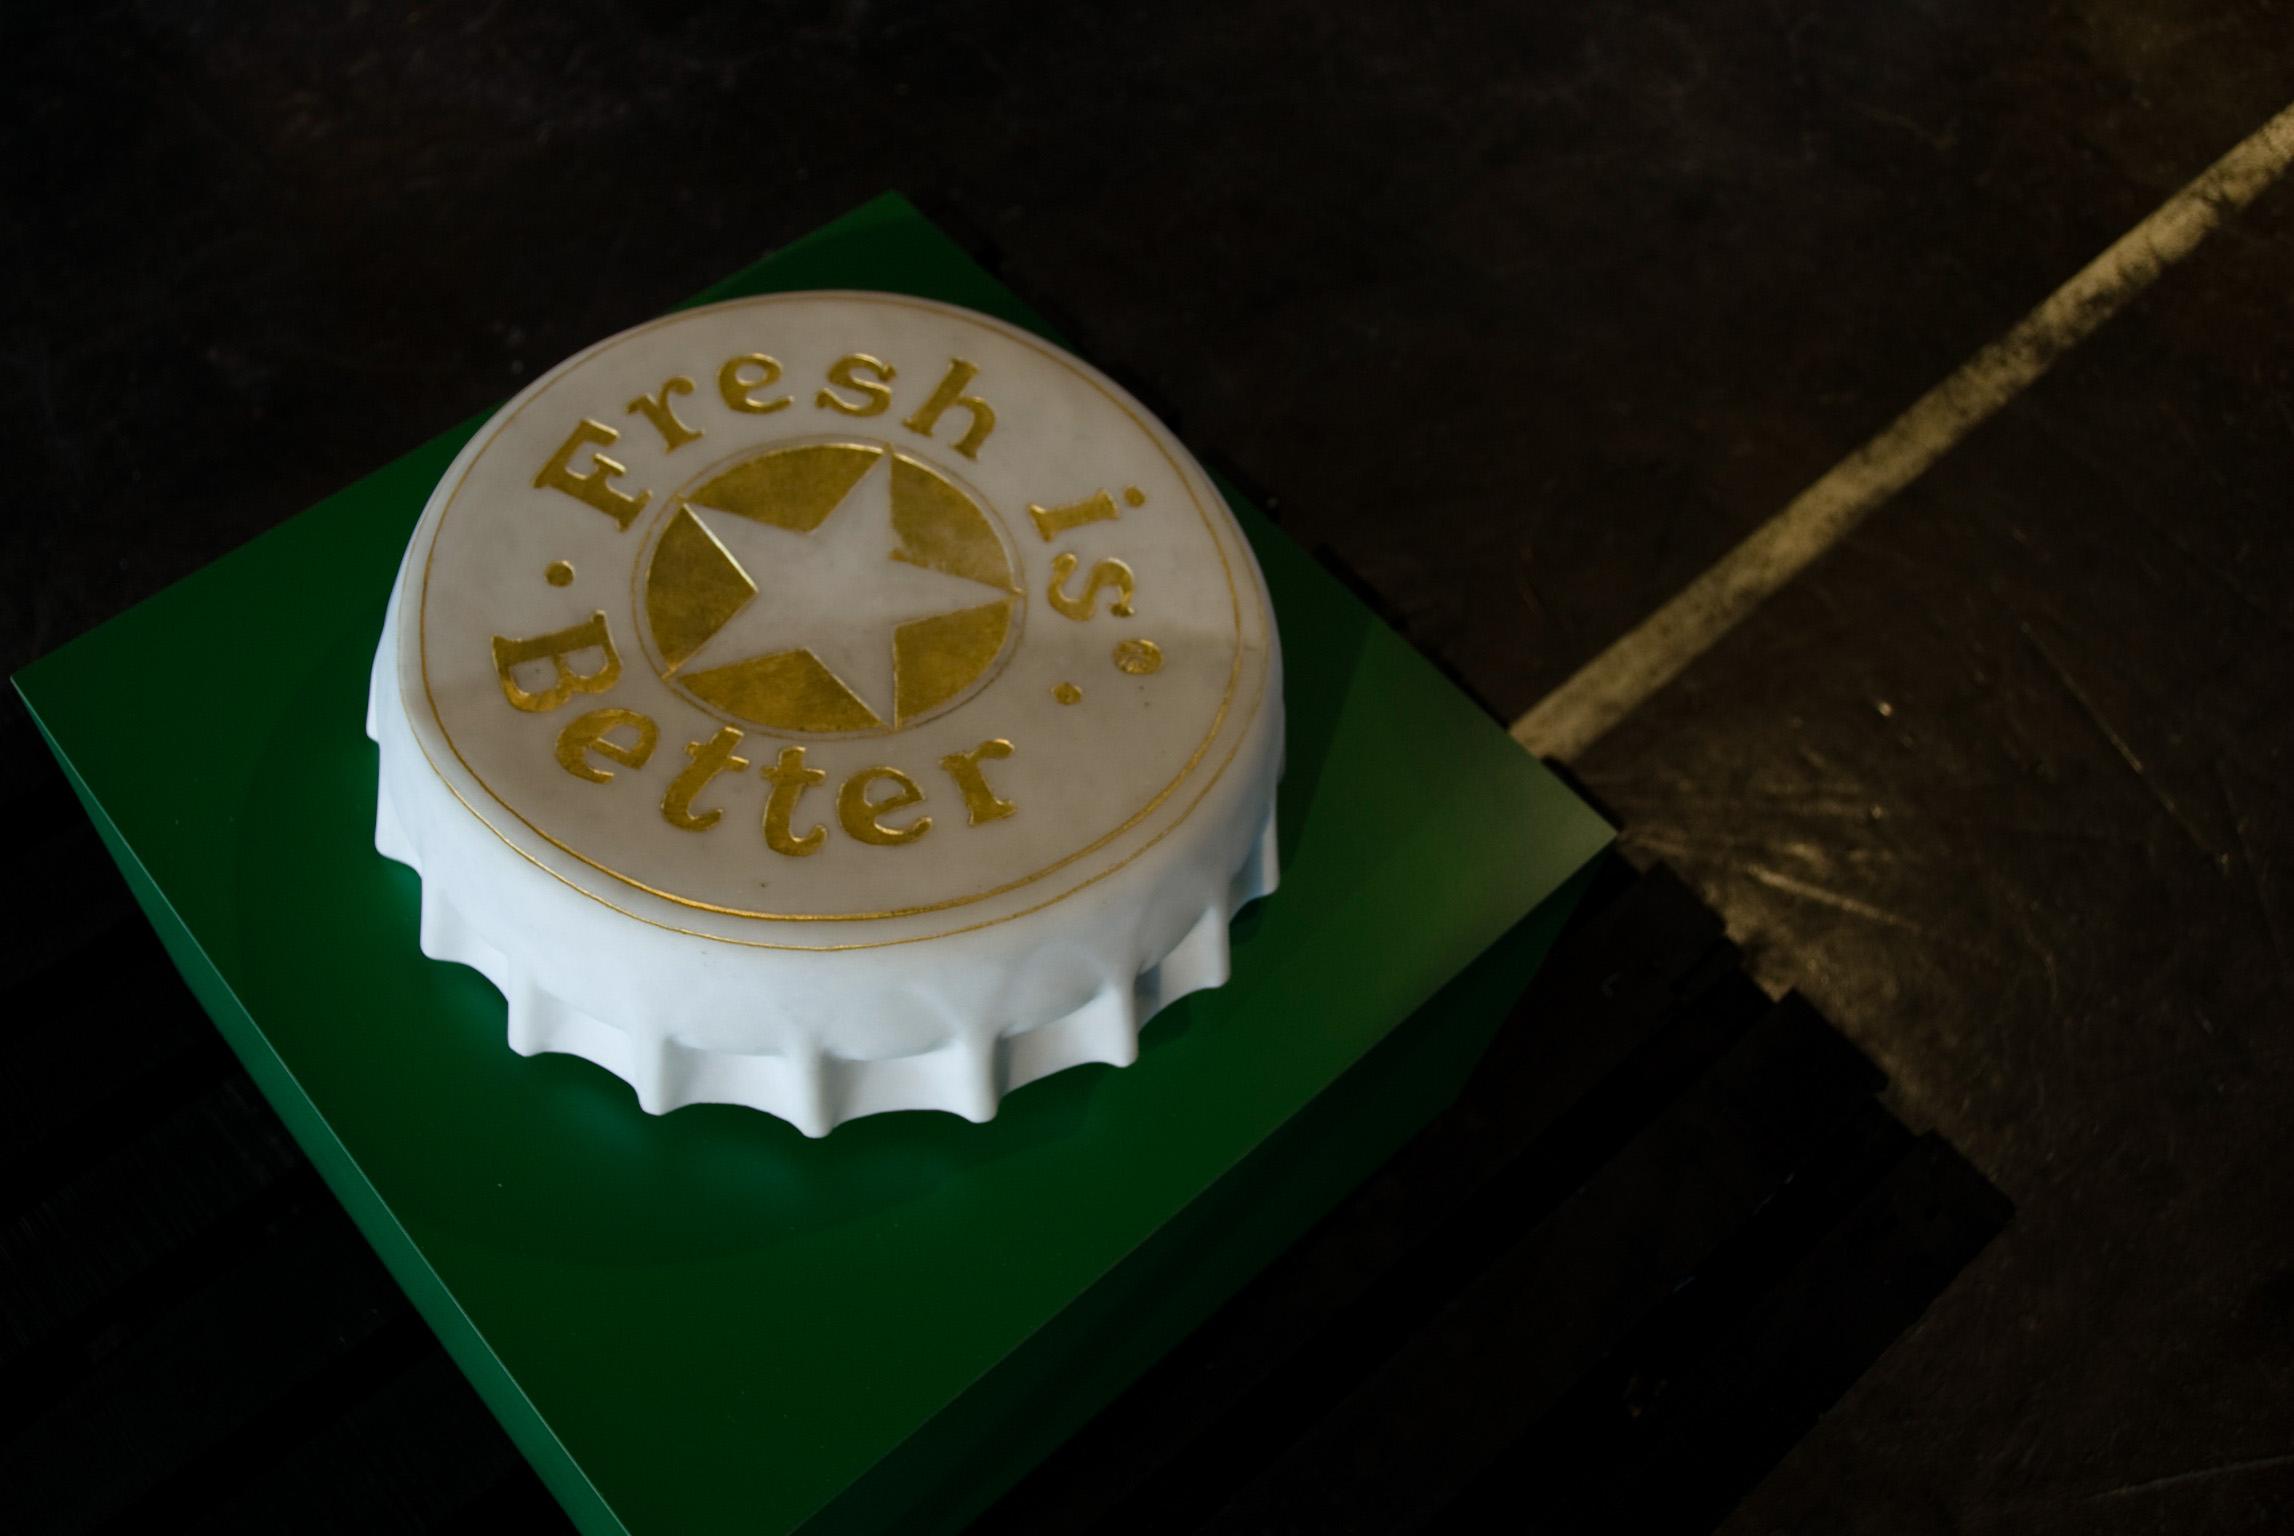 Michele Chiossi Fresh is Better, 2006  marmo statuario, foglia d'oro  base in laminato Heineken birra tappo scultura verde reused stappato stappare riciclaggio